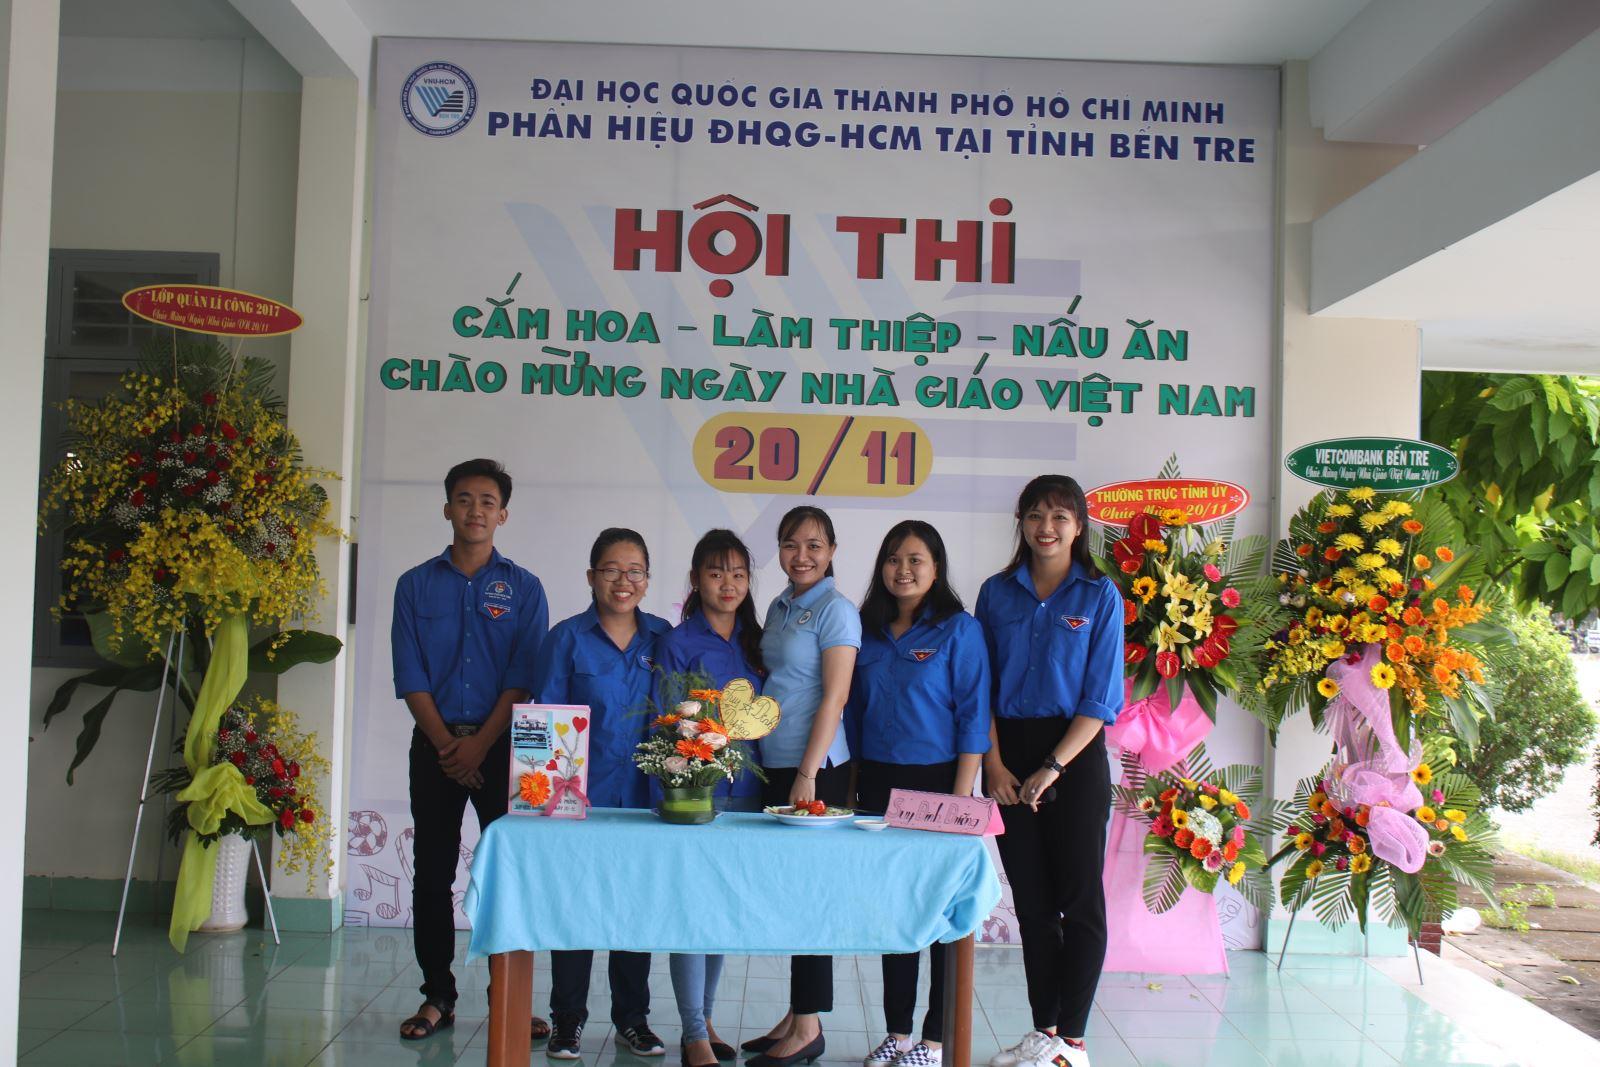 Hội thi ''Cắm hoa - Làm thiệp - Nấu ăn Chào mừng 36 năm Ngày Nhà giáo Việt Nam 20/11/1982 - 20/11/2018'' tại Phân hiệu ĐHQG-HCM tại tỉnh Bến Tre